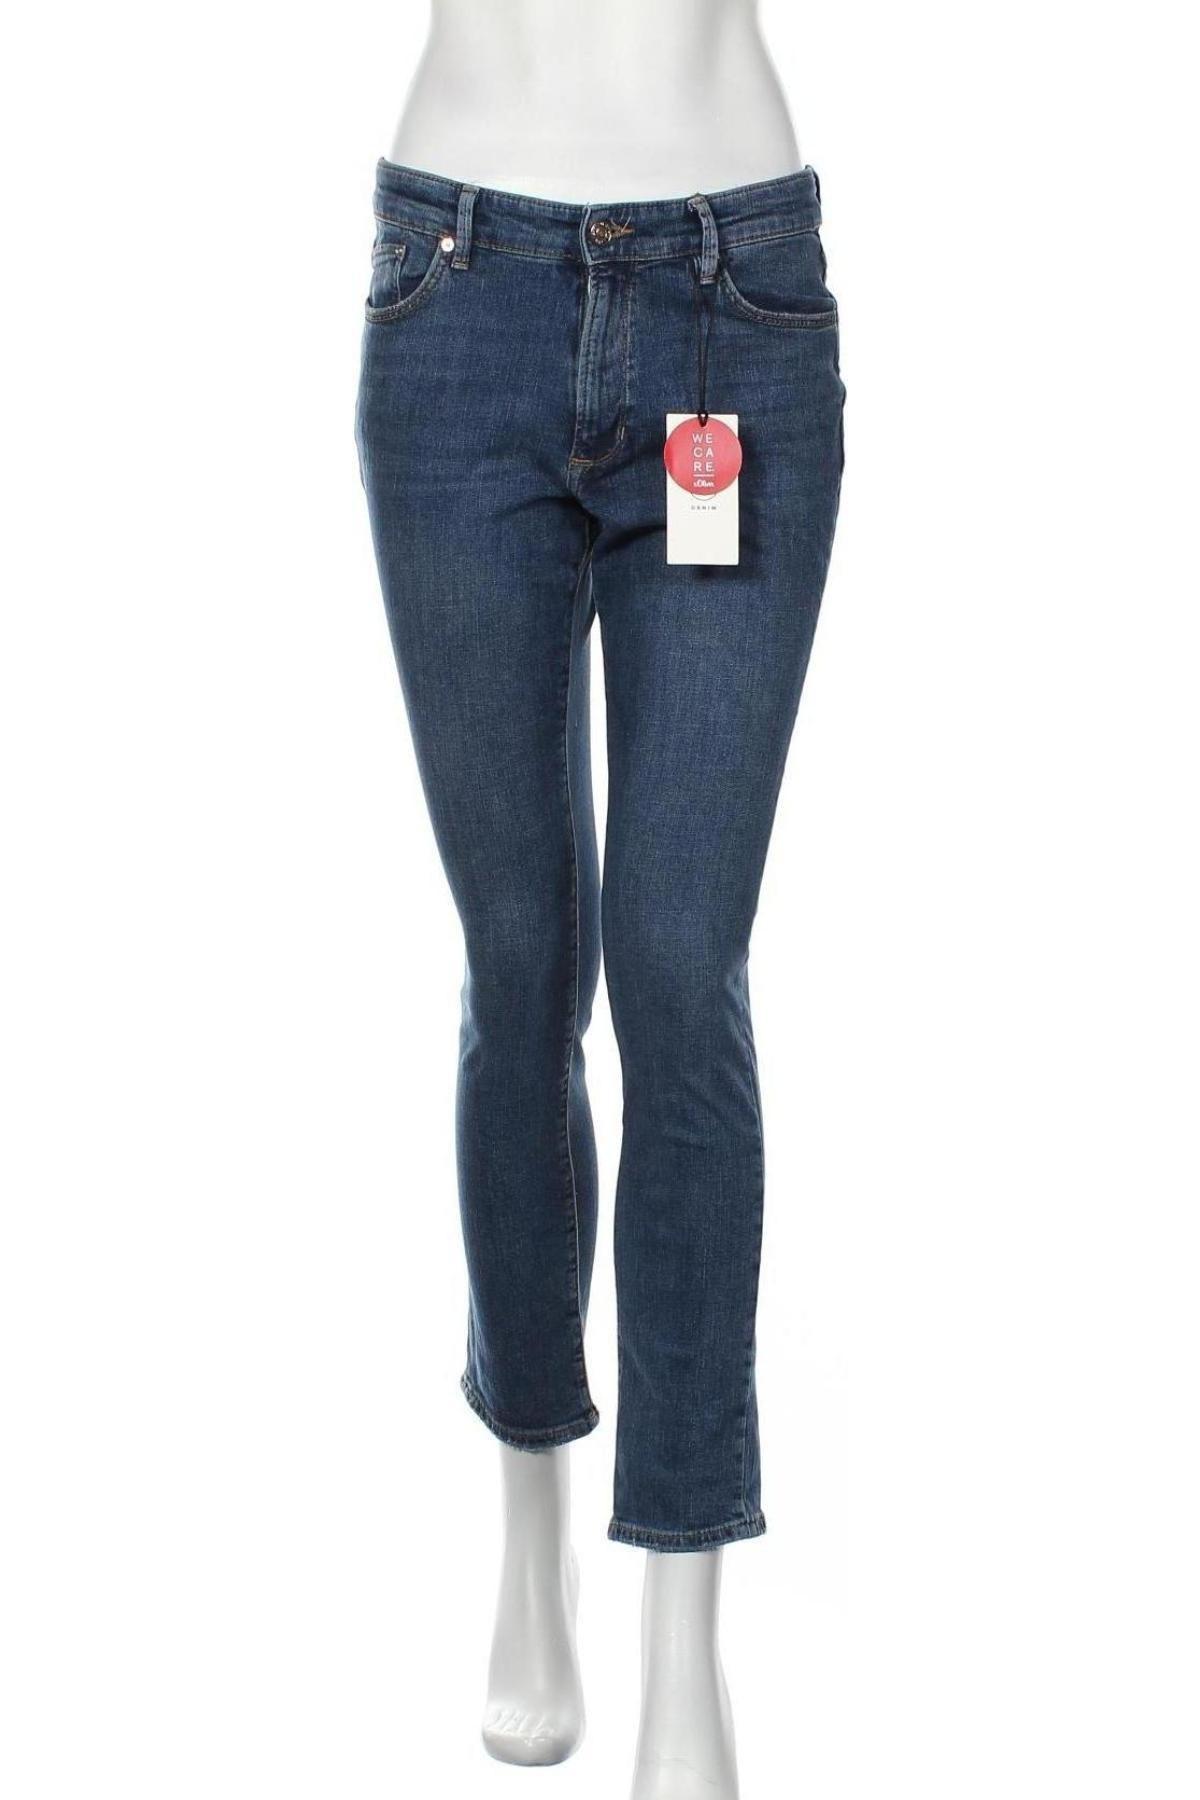 Дамски дънки S.Oliver, Размер S, Цвят Син, 98% памук, 2% еластан, Цена 32,67лв.